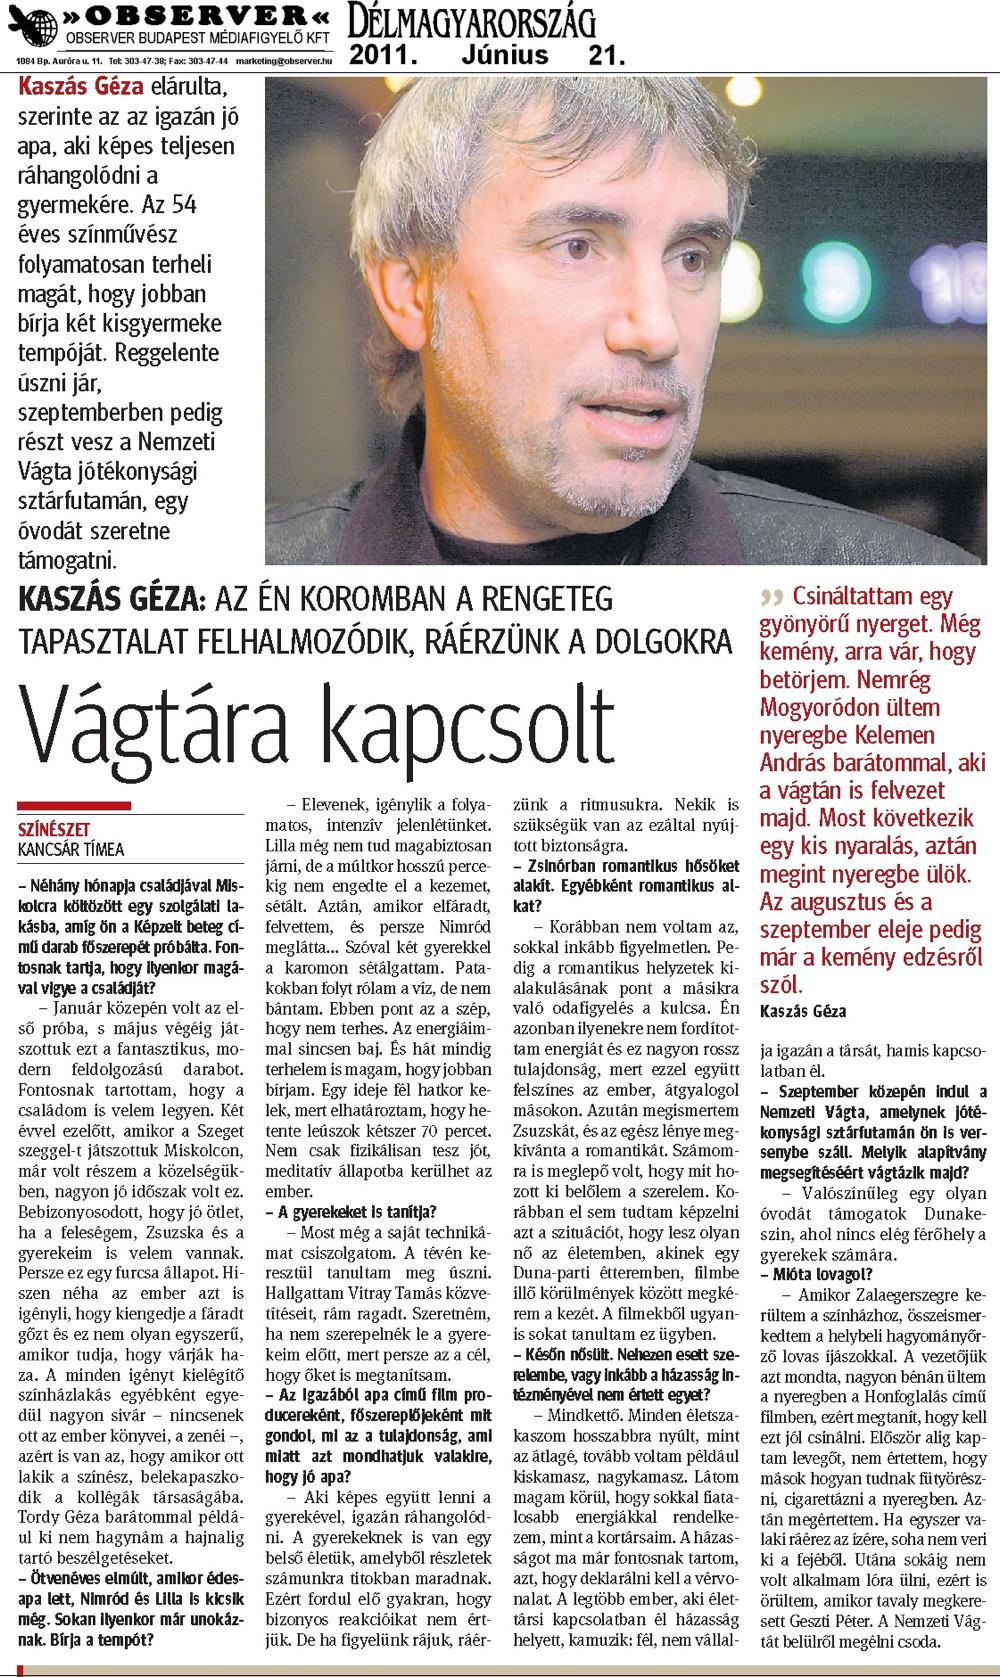 Délmagyarország - 2011.06.21.